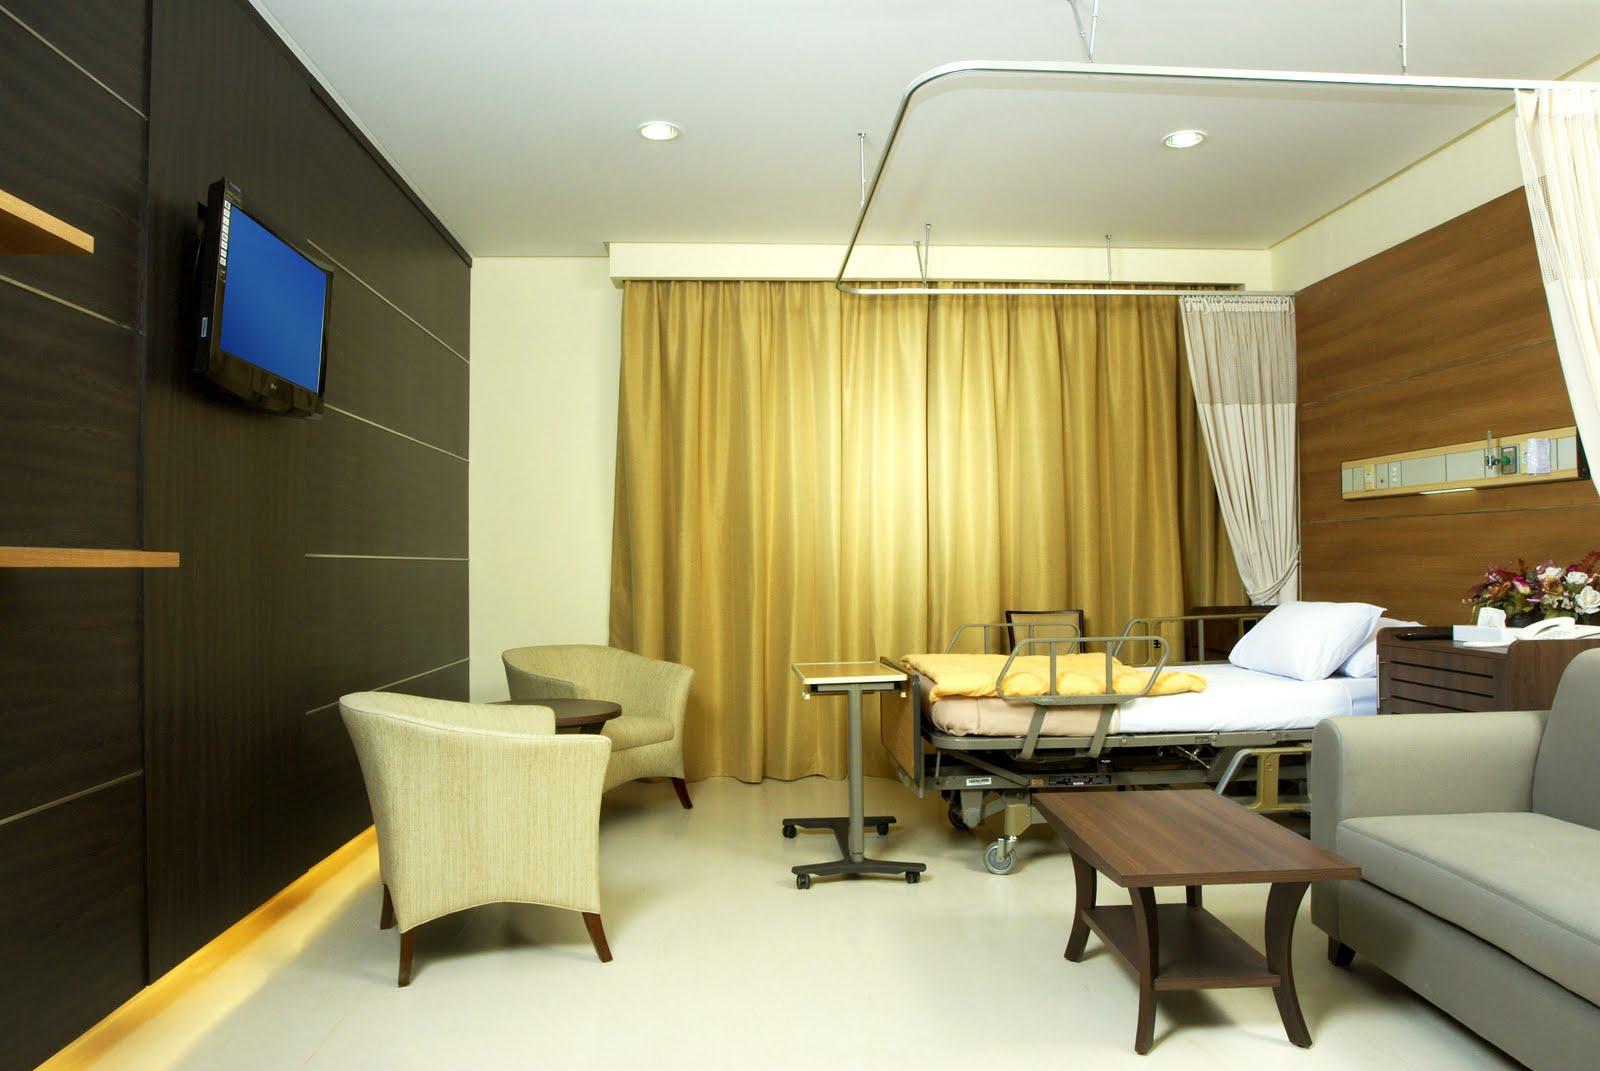 home cinema interior design trend home design and decor